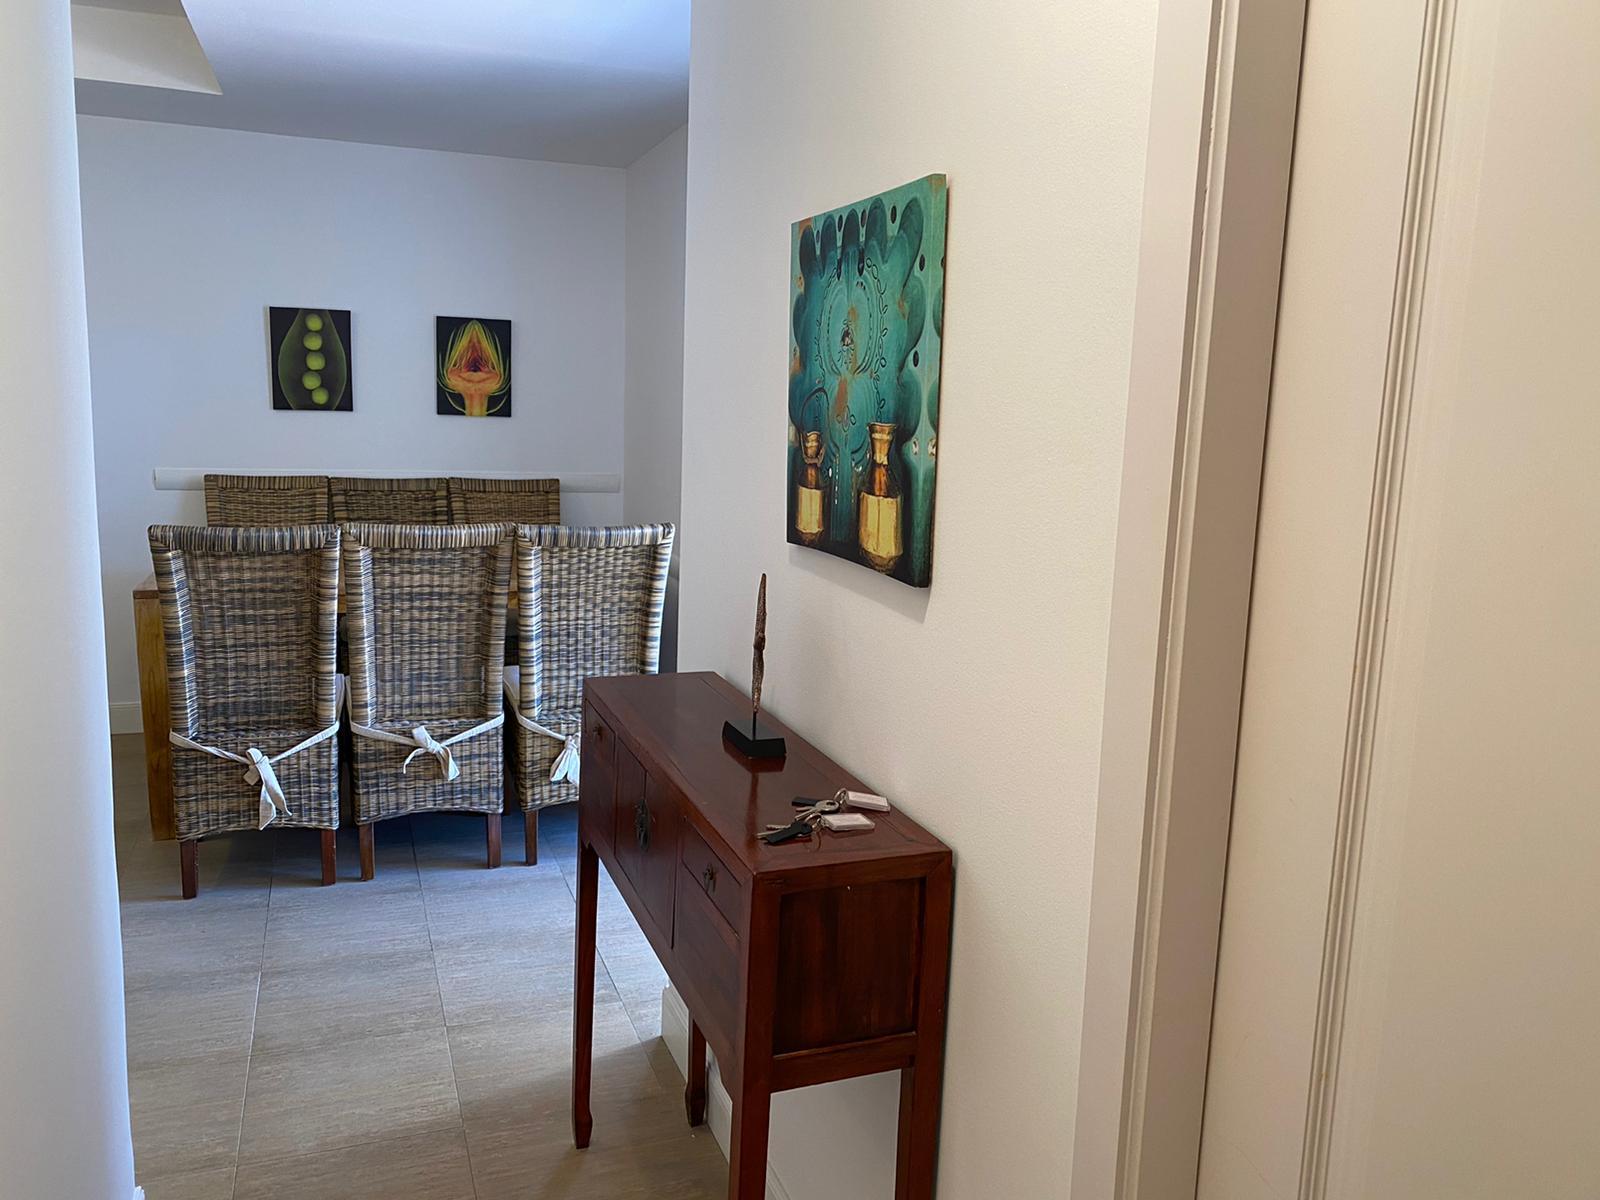 Imagen 8 del Apartamento Turístico, Ático 8 Poniente (3d+2b), Punta del Moral (HUELVA), Paseo de la Cruz nº22